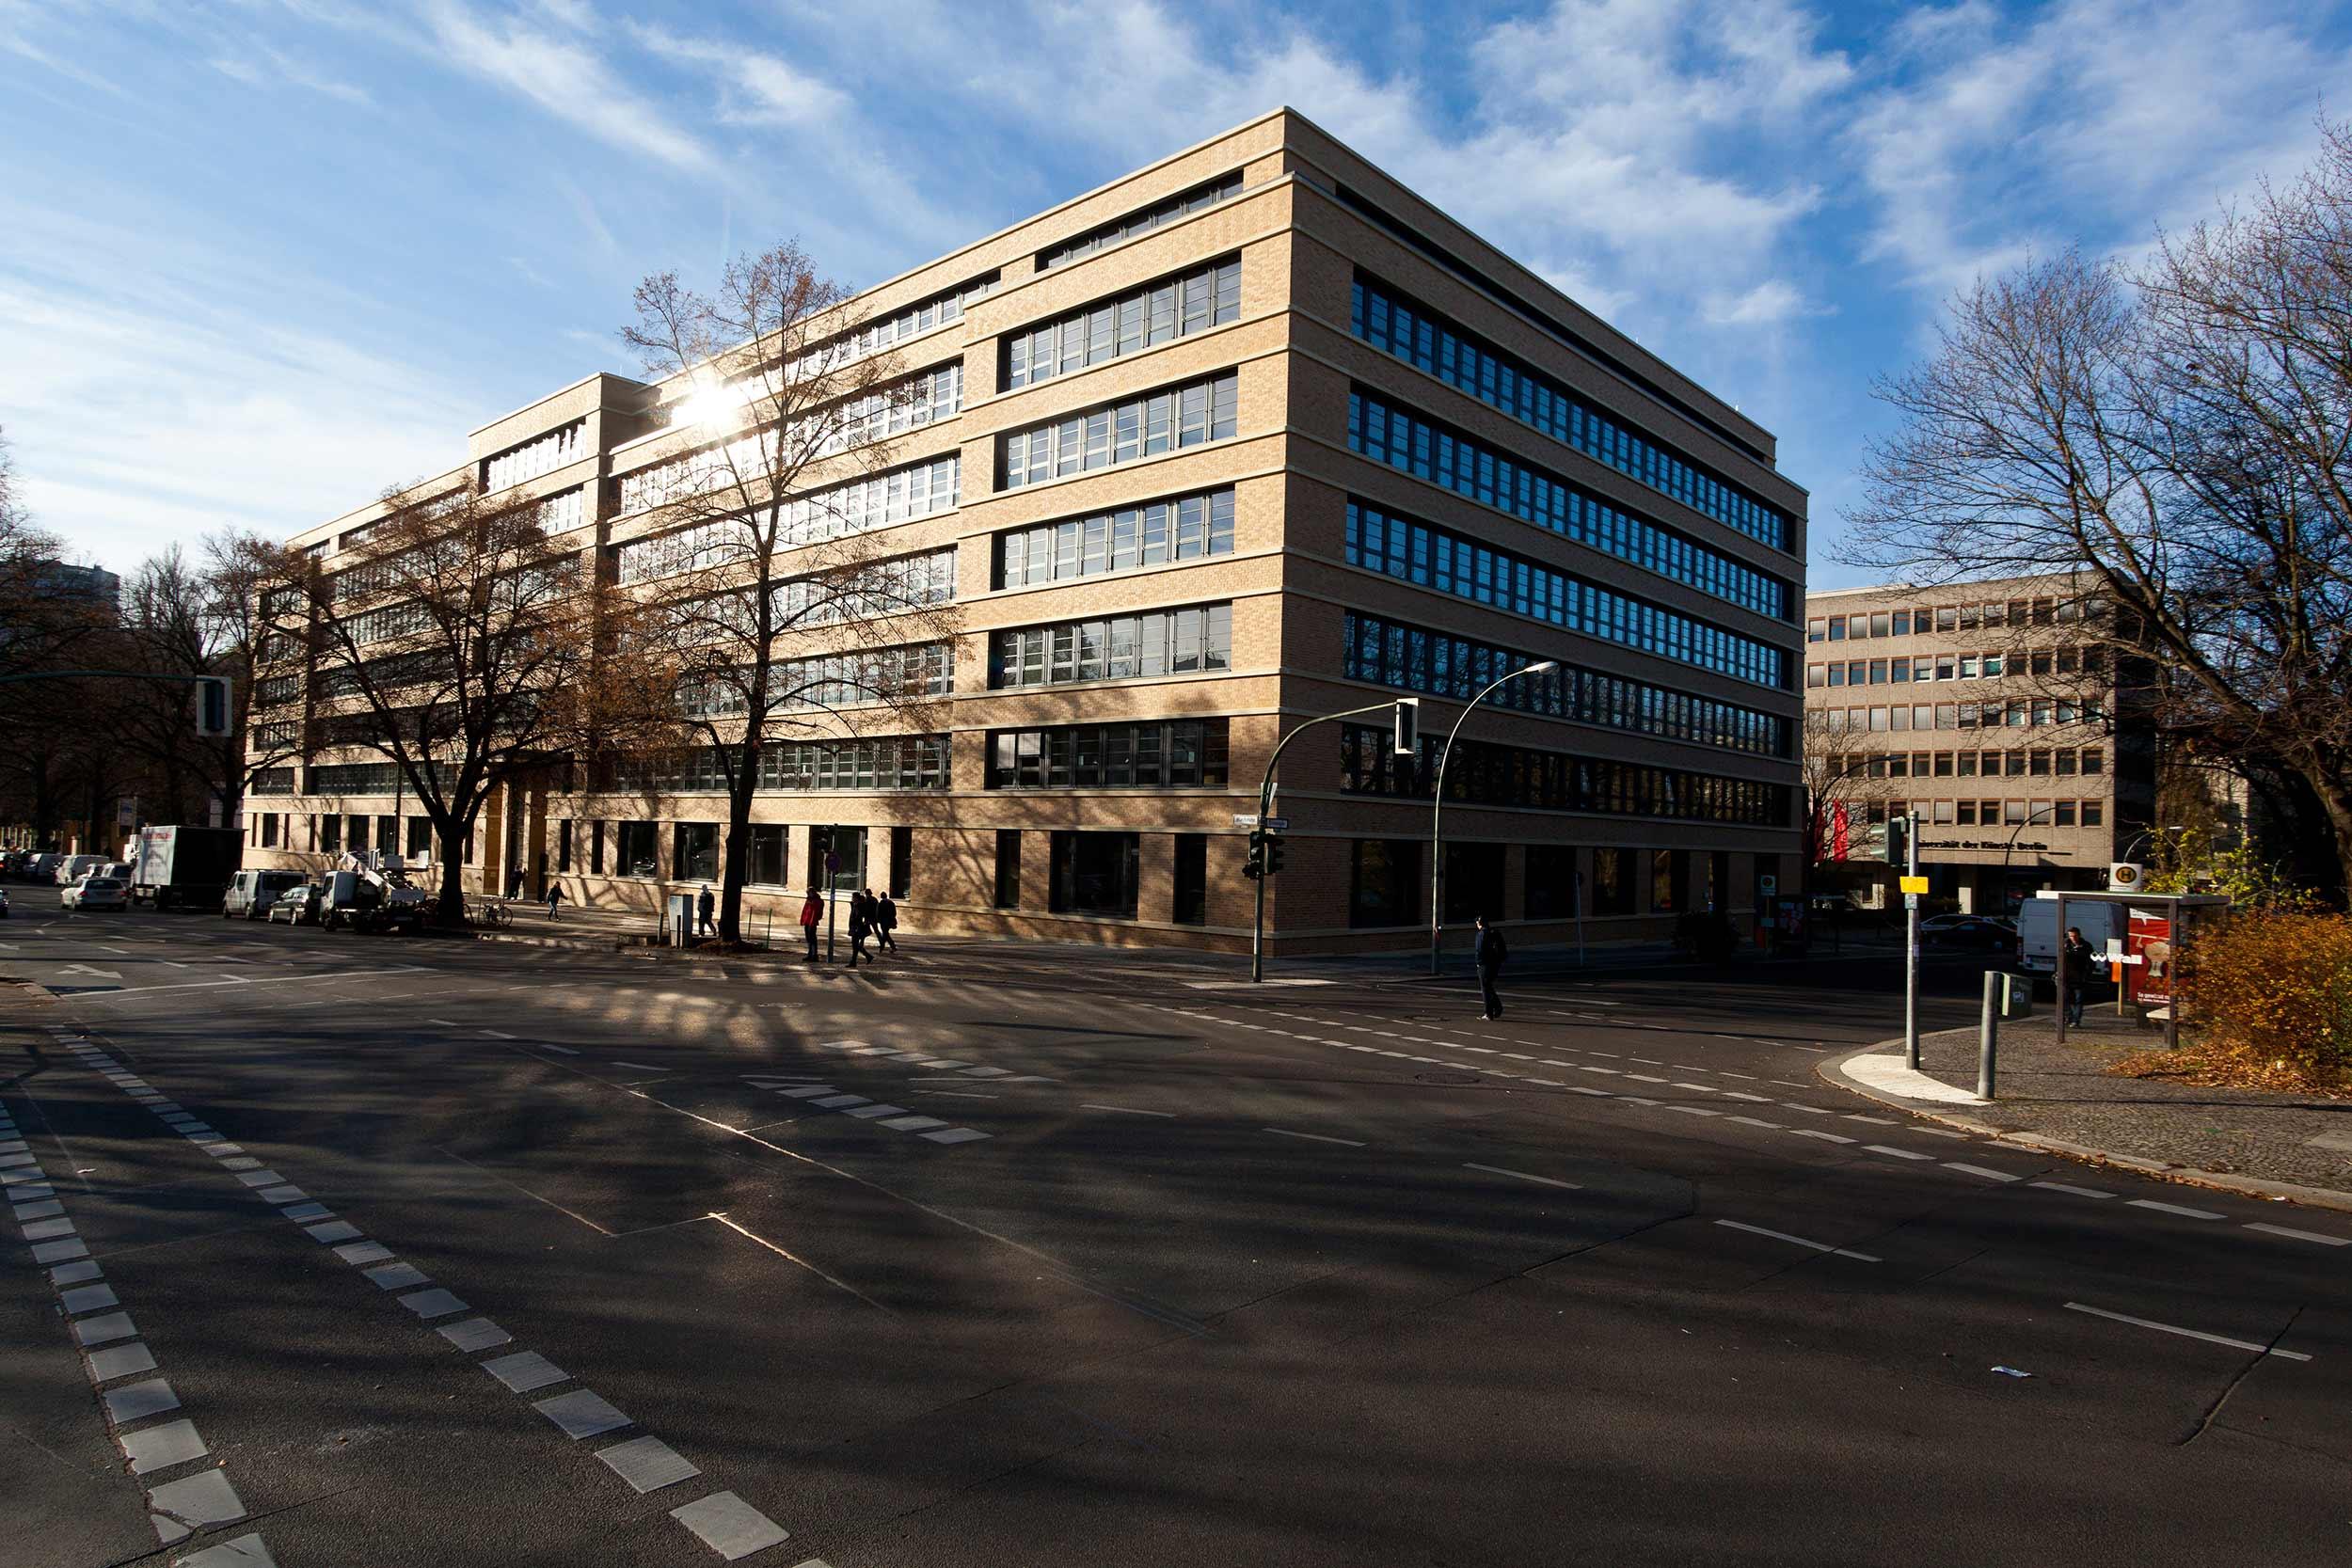 5 Technische Universität Berlin Marchstrasse.jpg